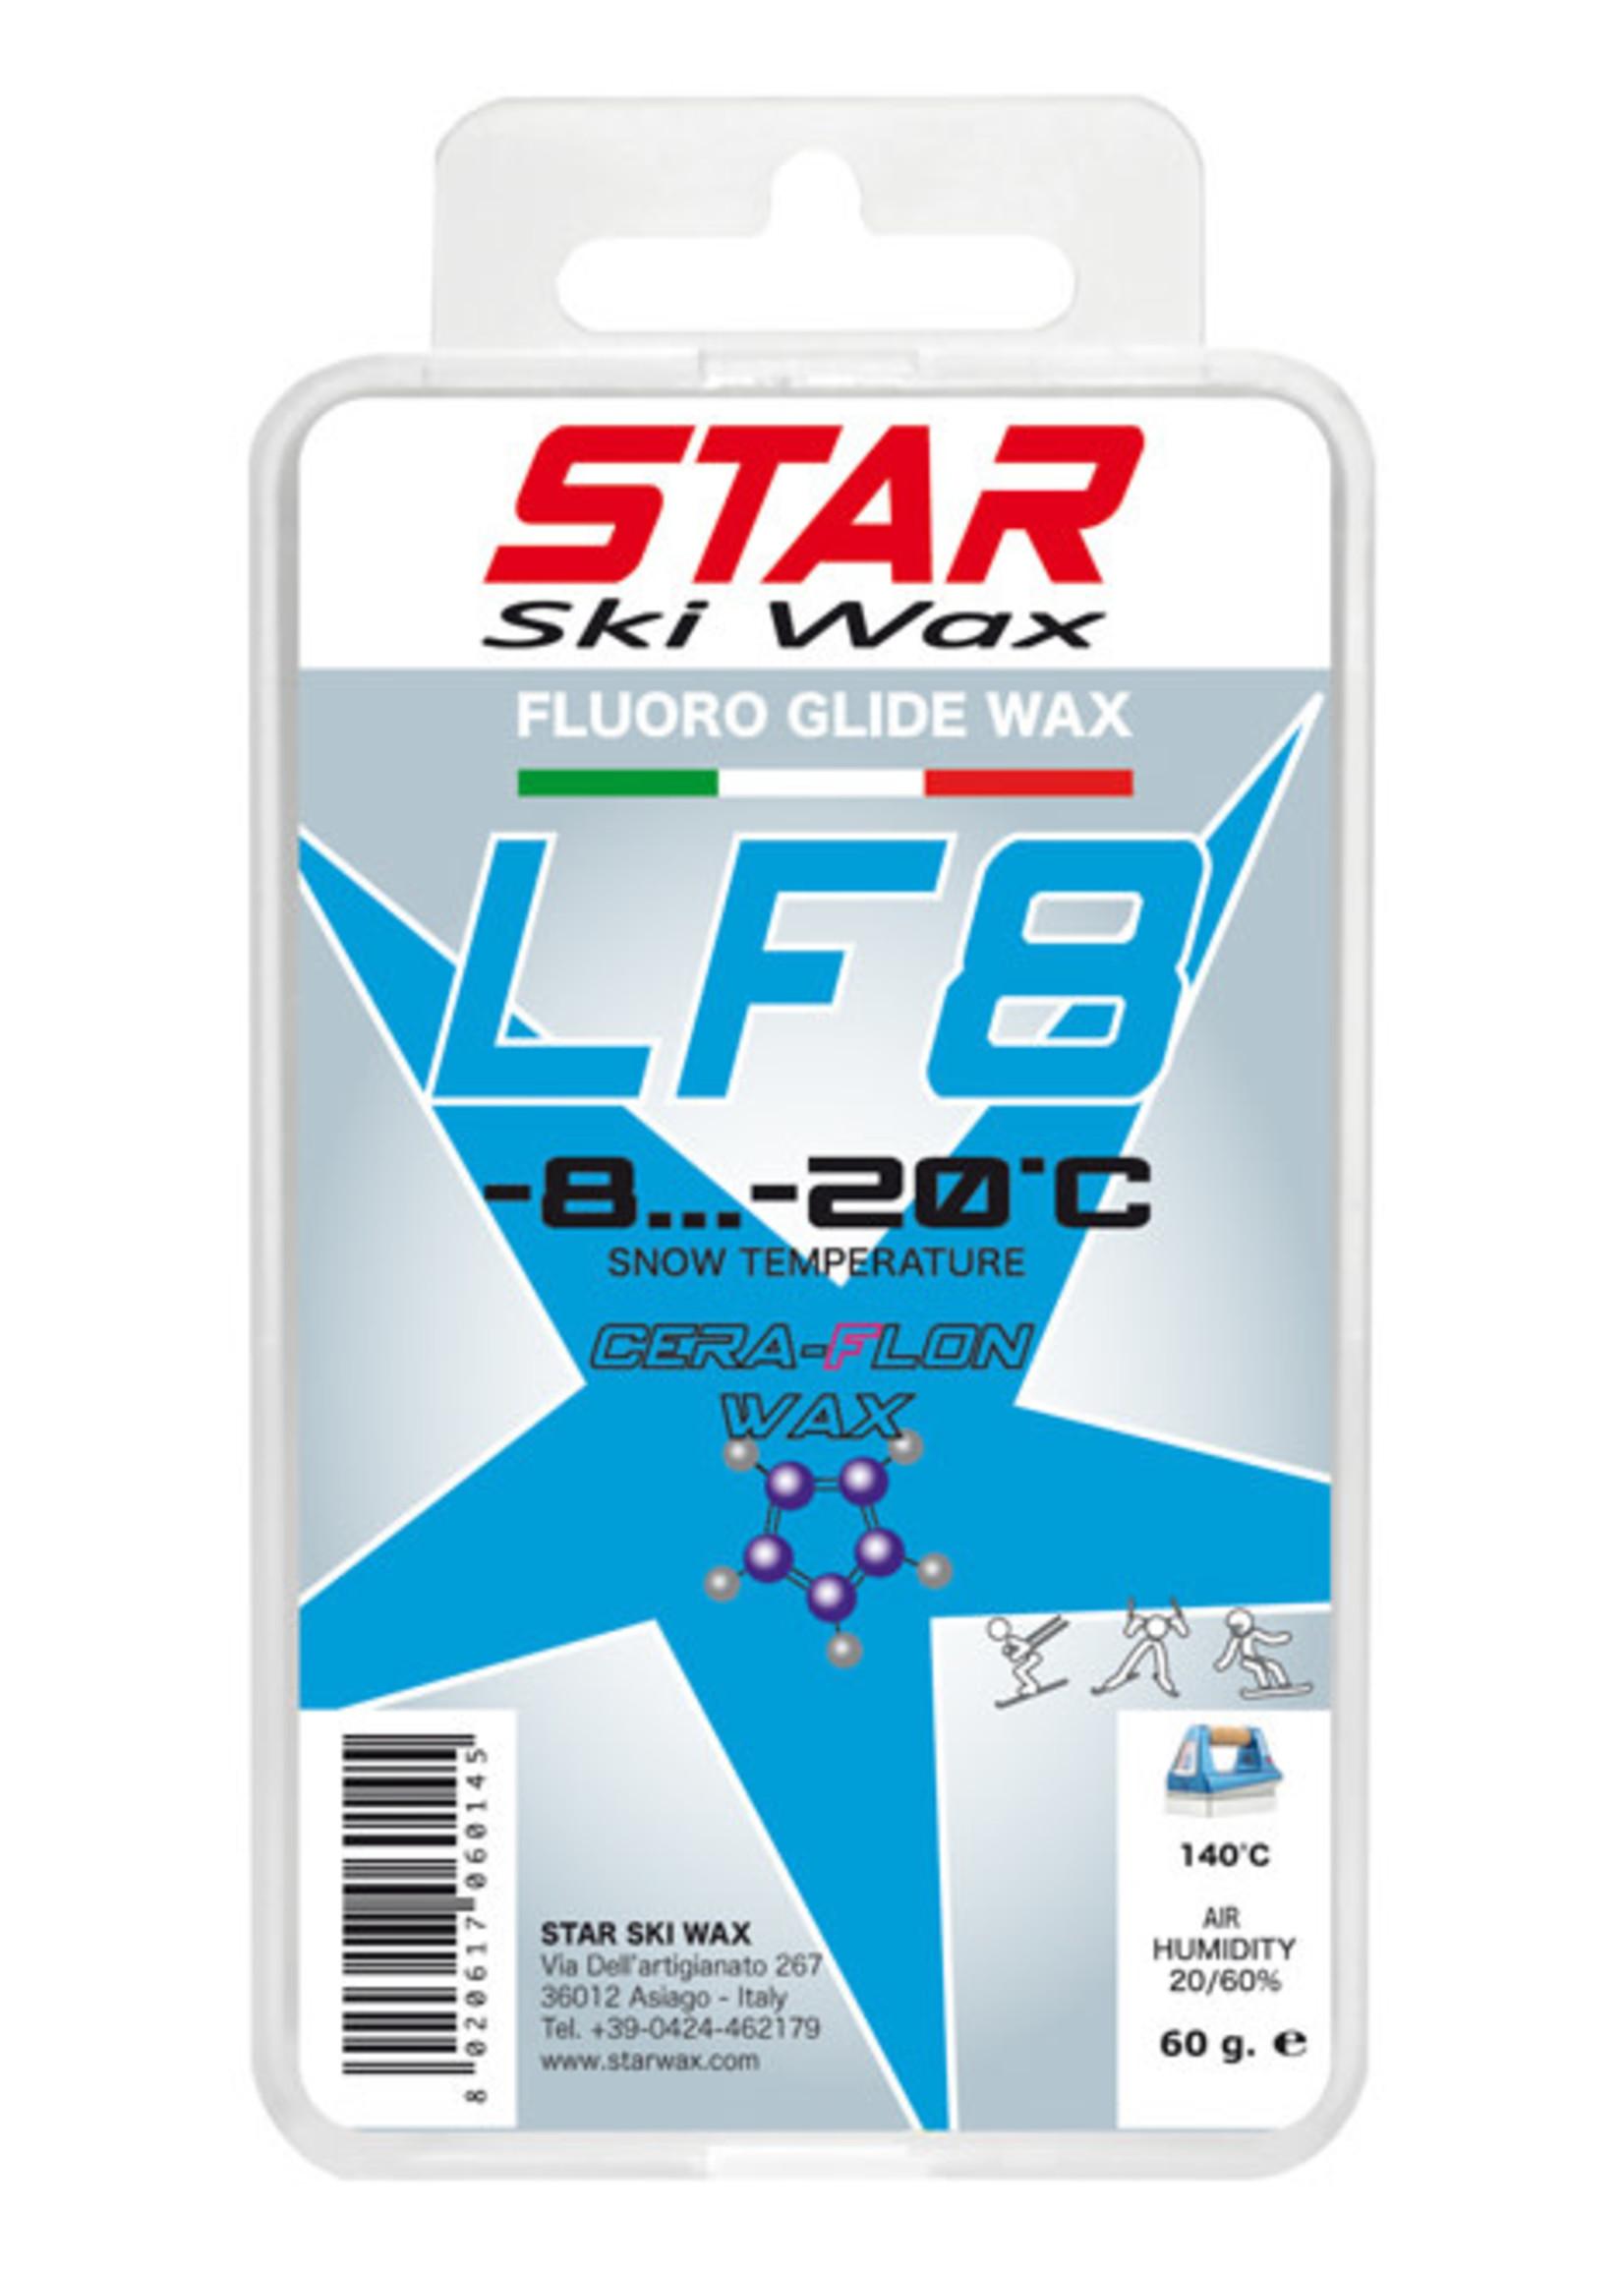 LF8 Cera-Flon 60g